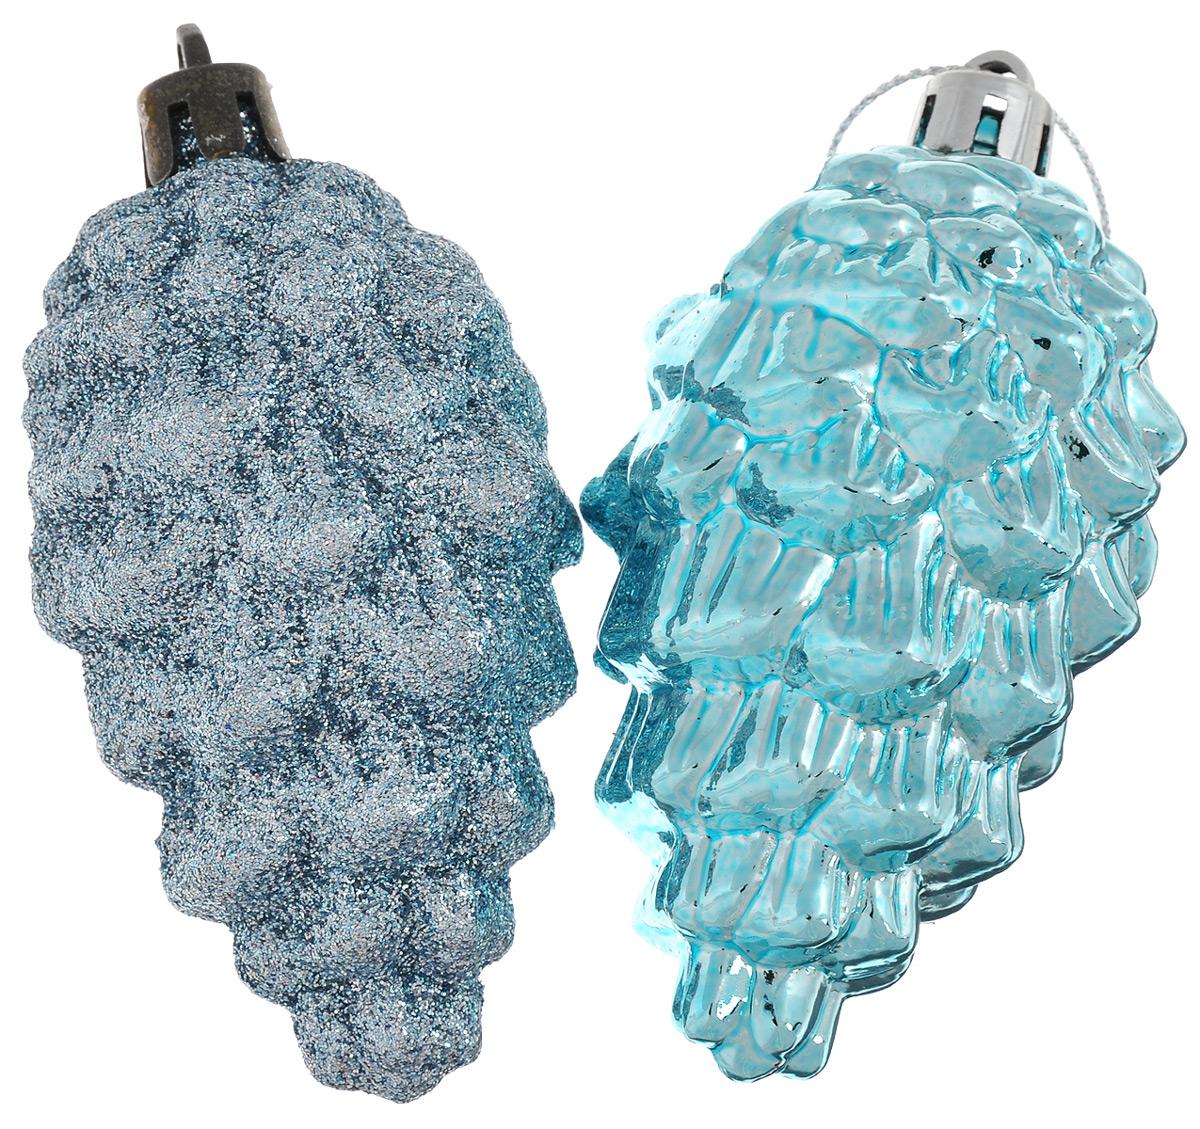 Новогоднее подвесное украшение Феникс-презент Шишка, цвет: небесно-голубой, высота 9 см, 2 шт39017Новогоднее подвесное украшение Феникс-презент Шишка отлично подойдет для декора праздничной ели. В наборе две игрушки, выполненные из пластика в виде шишек. Одна из шишек покрыта блестками. Игрушки оснащены петельками для подвешивания. Елочная игрушка - символ Нового года. Она несет в себе волшебство и красоту праздника. Создайте в своем доме атмосферу веселья и радости, украшая новогоднюю елку нарядными игрушками, которые будут из года в год накапливать теплоту воспоминаний. Серия украшений Magic Time принесет в ваш дом ни с чем не сравнимое ощущение праздника.